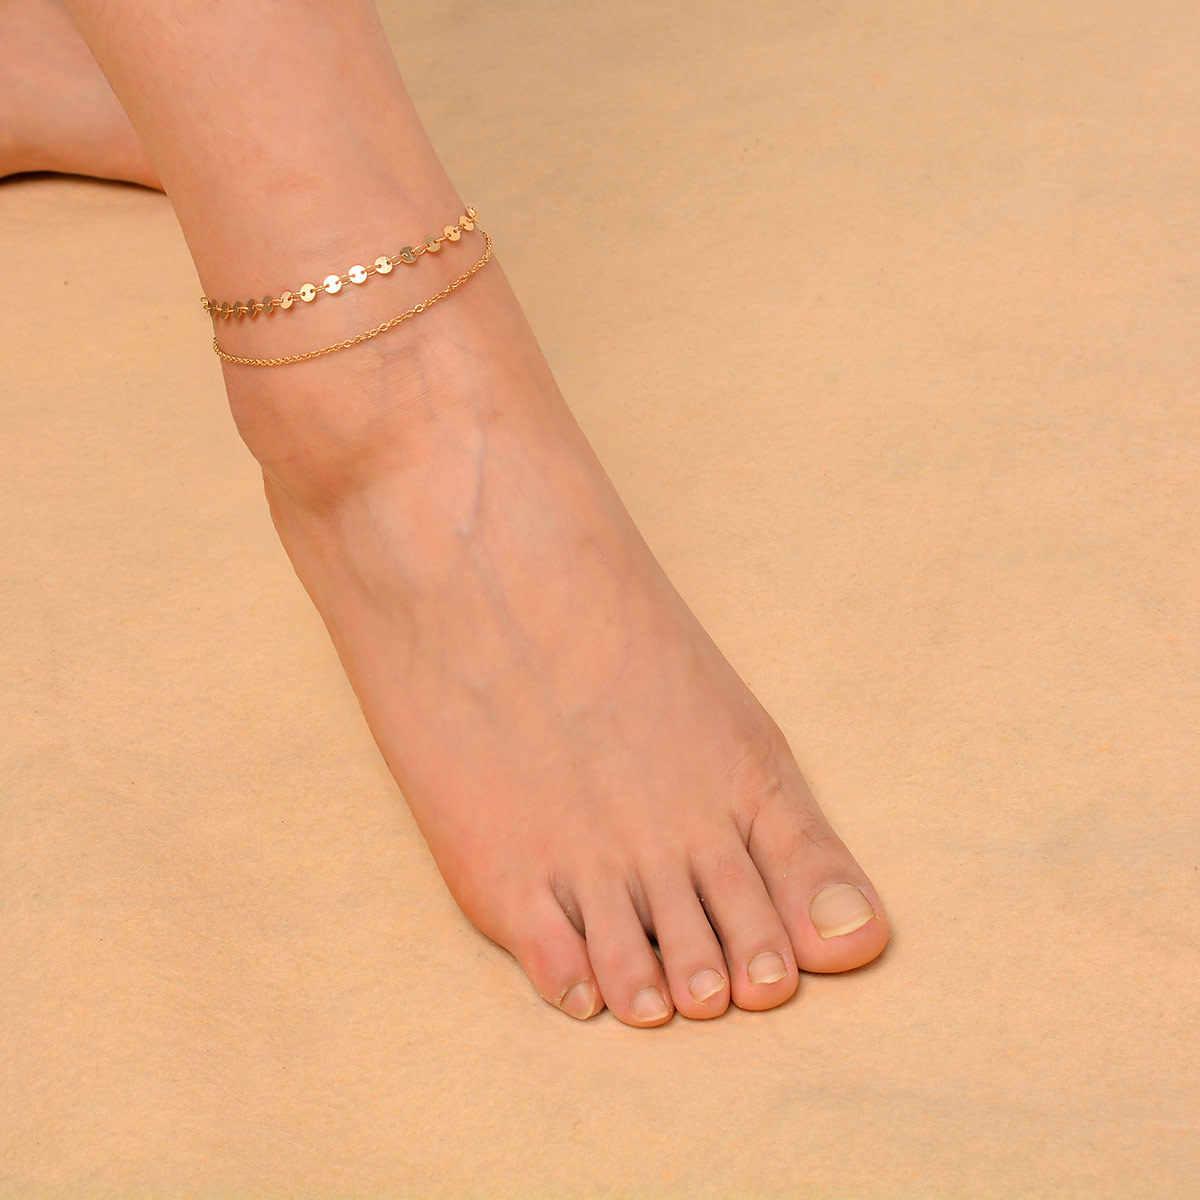 Çift Ayak Bileği Zinciri Payetler Halhal Altın Gümüş Renk Halhal 2019 Moda ayak takısı Bilezik Bacak Tobilleras